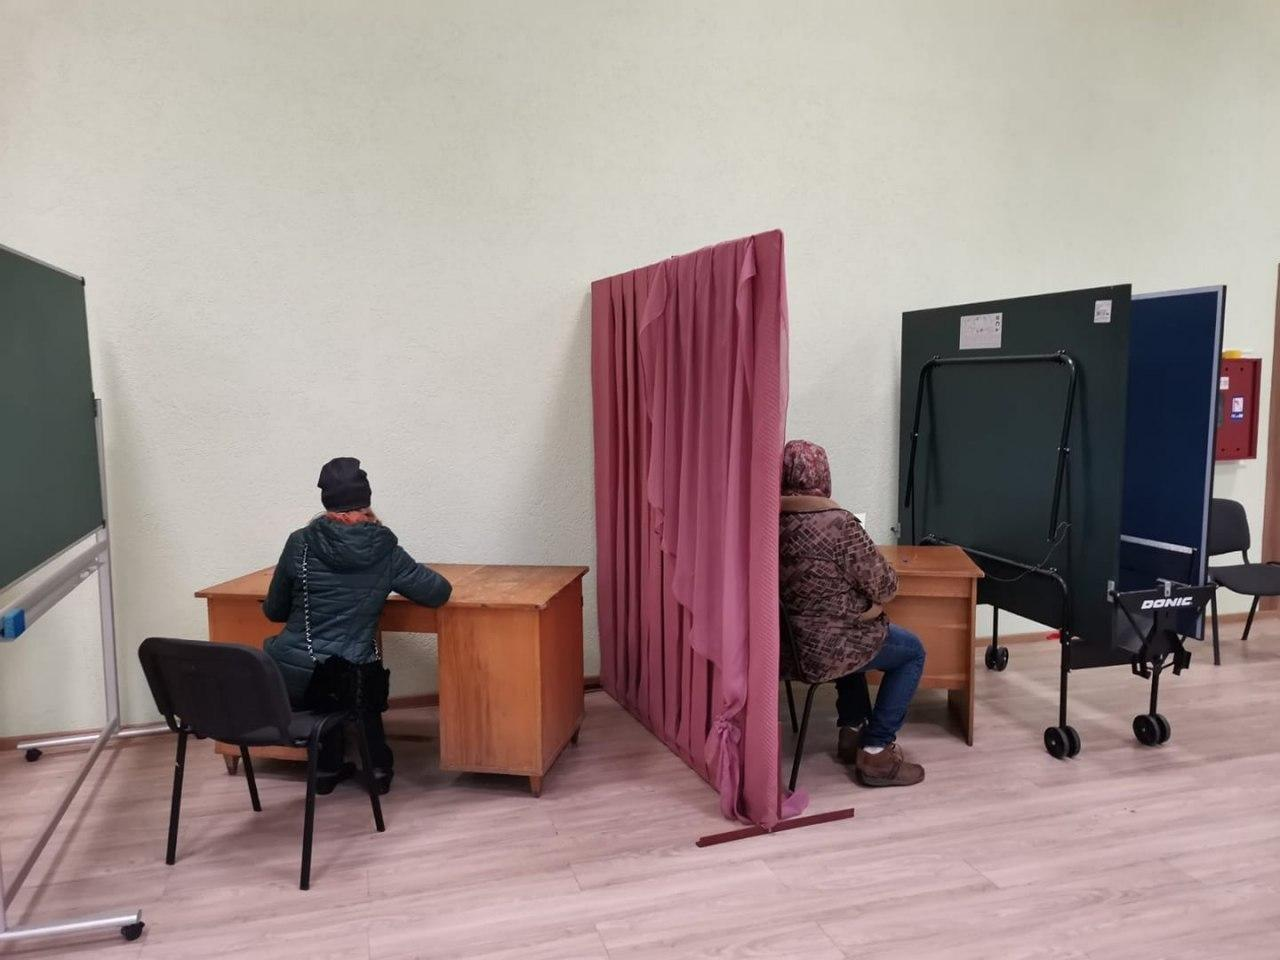 Динозавры, Путин в бюллетене и странные кабинки: подборка курьезов во время выборов - фото 4